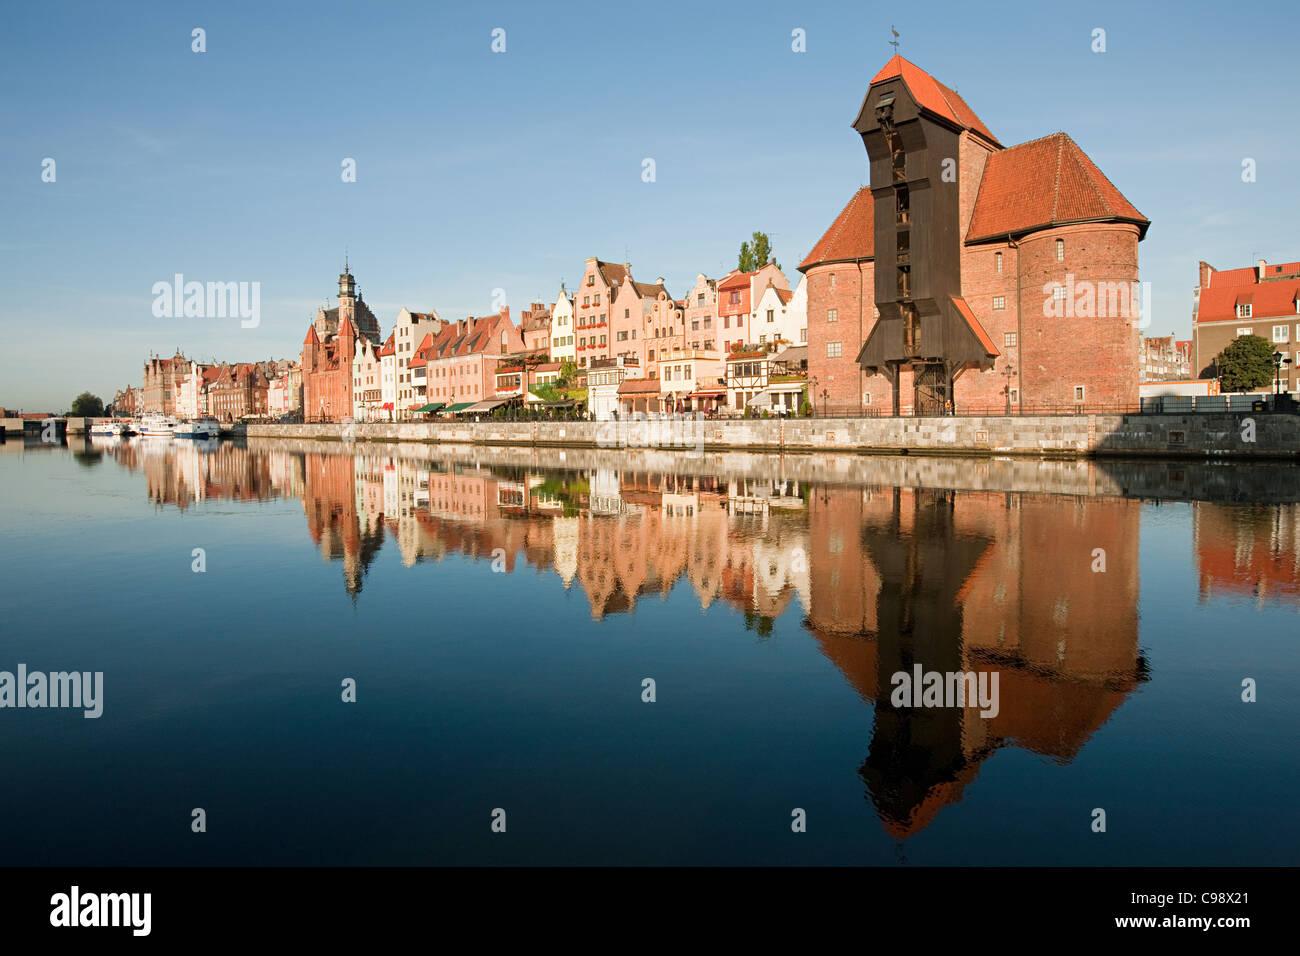 Edifici medievali riflessa nell'acqua, Gdansk, Polonia Immagini Stock